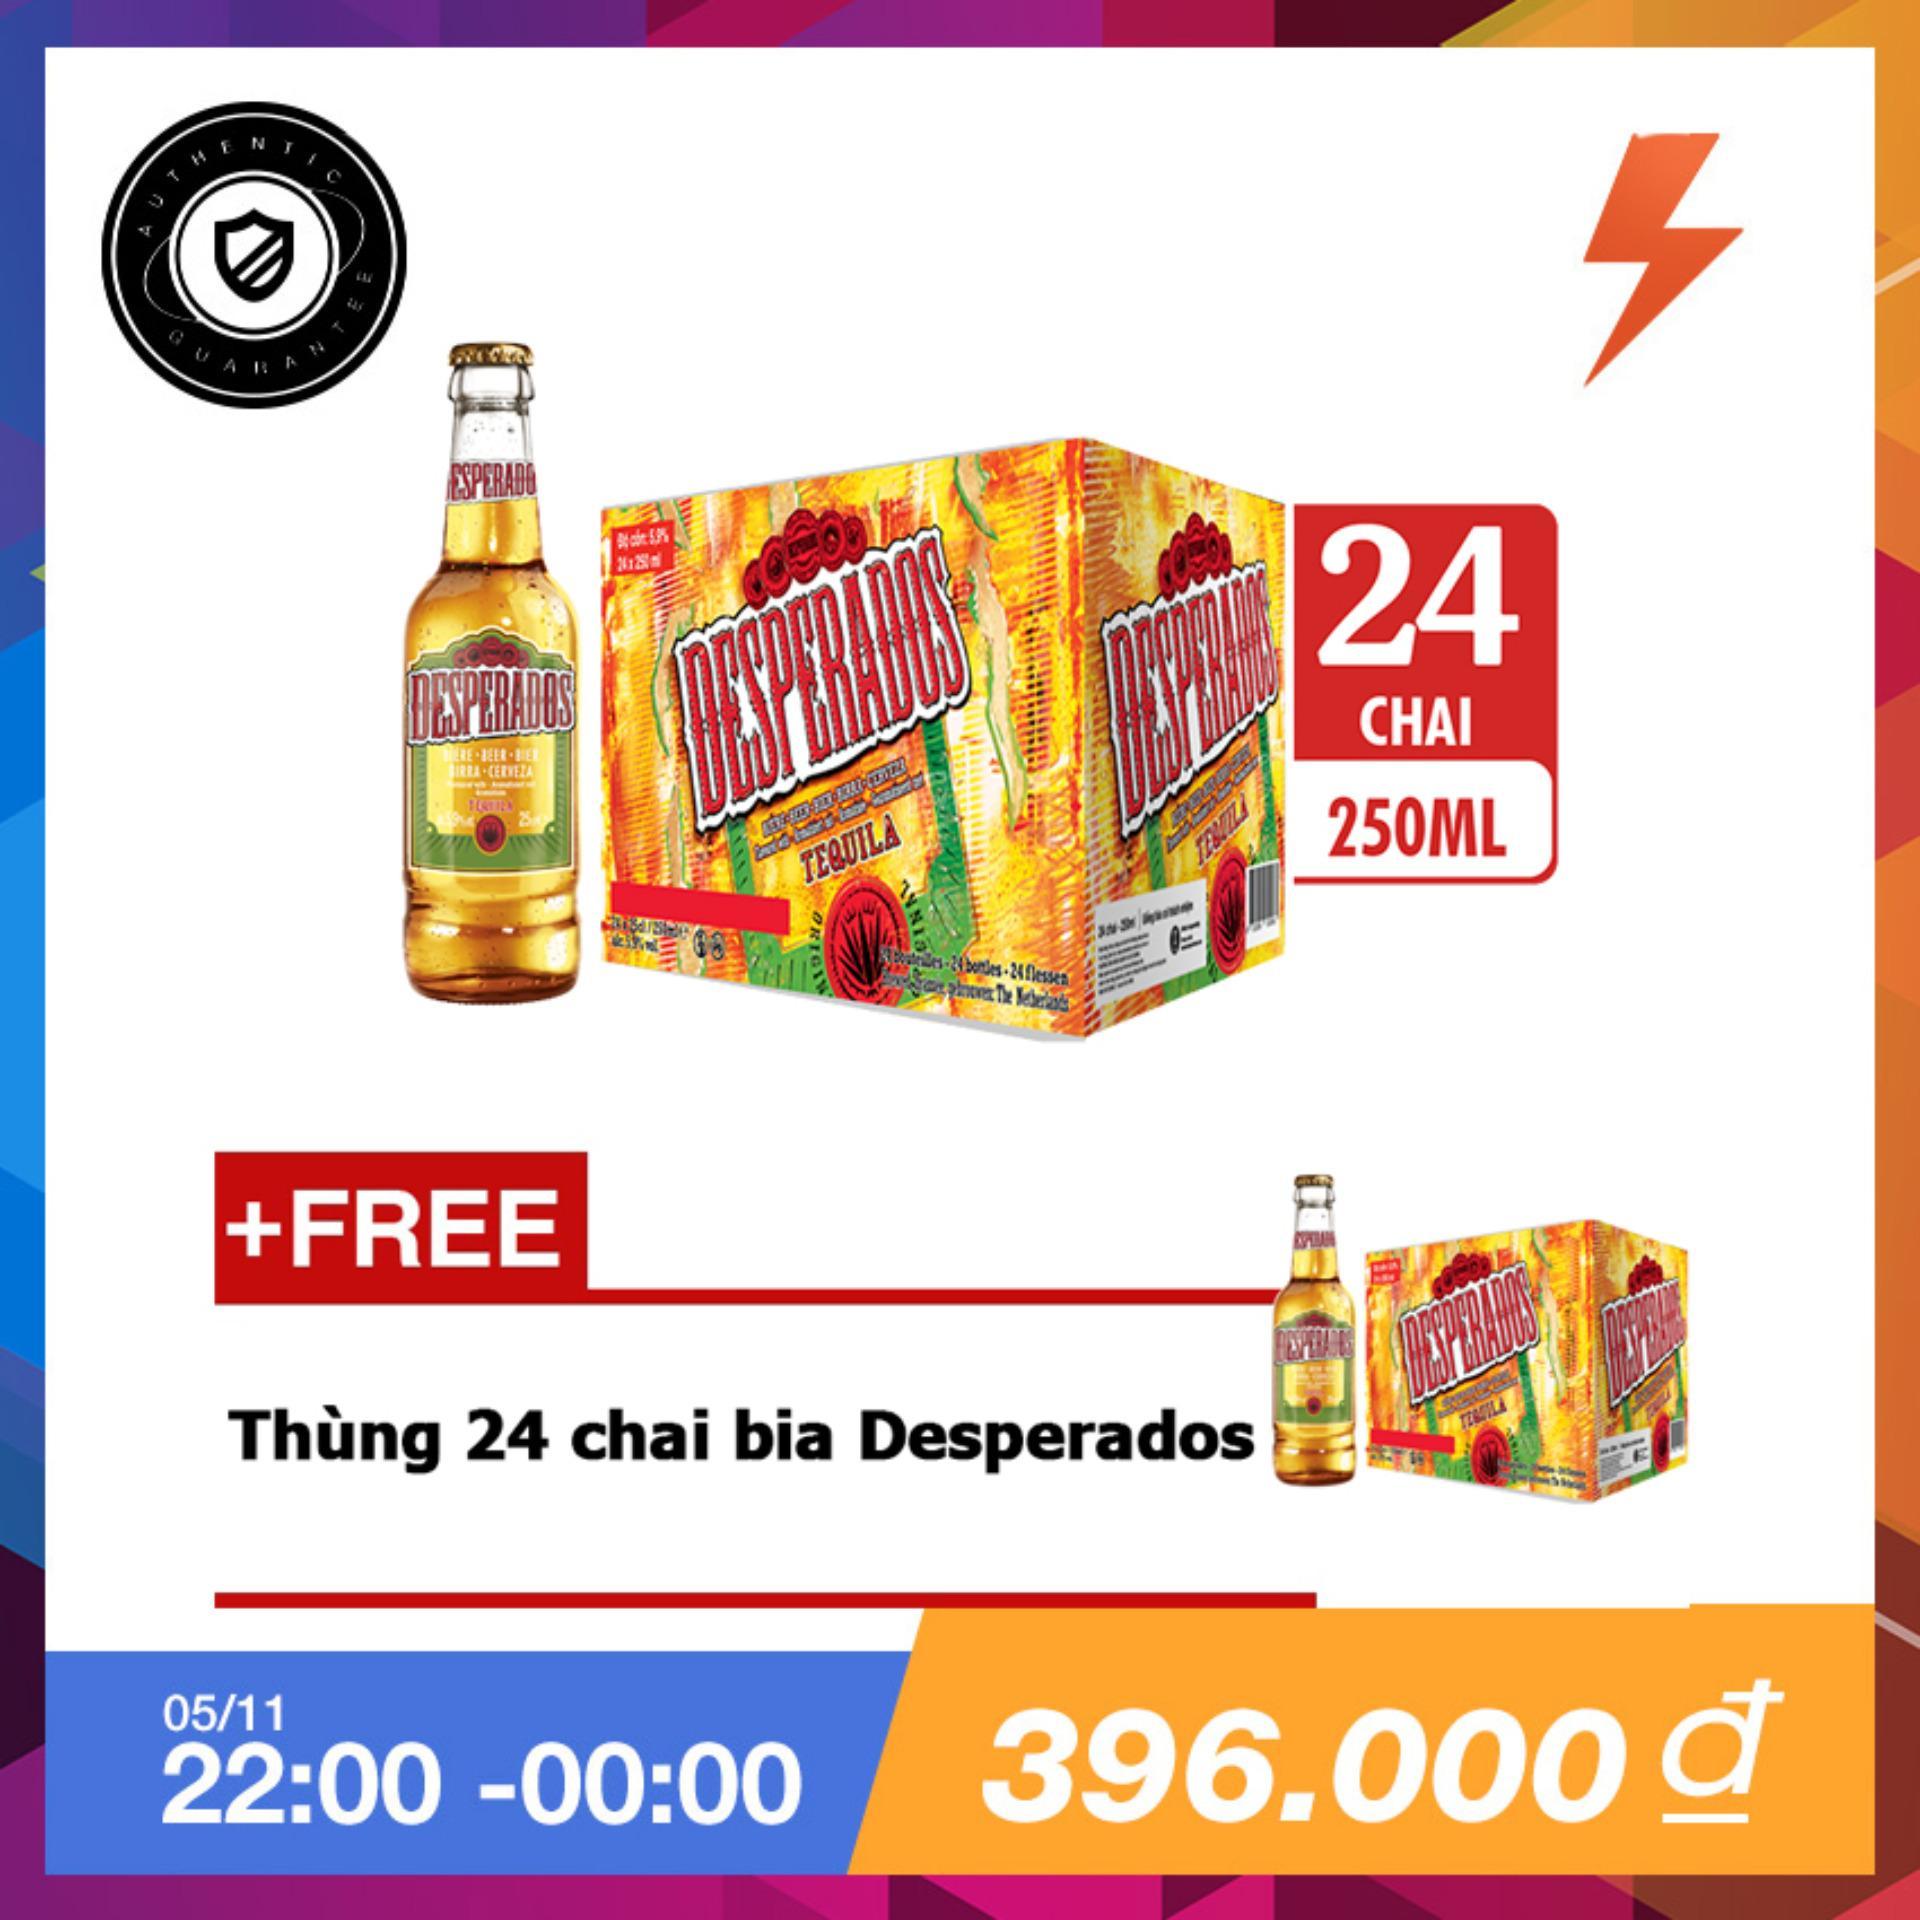 Giá Bán Thung 24 Chai Bia Desperados Hương Vị Tequila 250Ml Tặng Thung 24 Chai Bia Desperados Desperados Nguyên